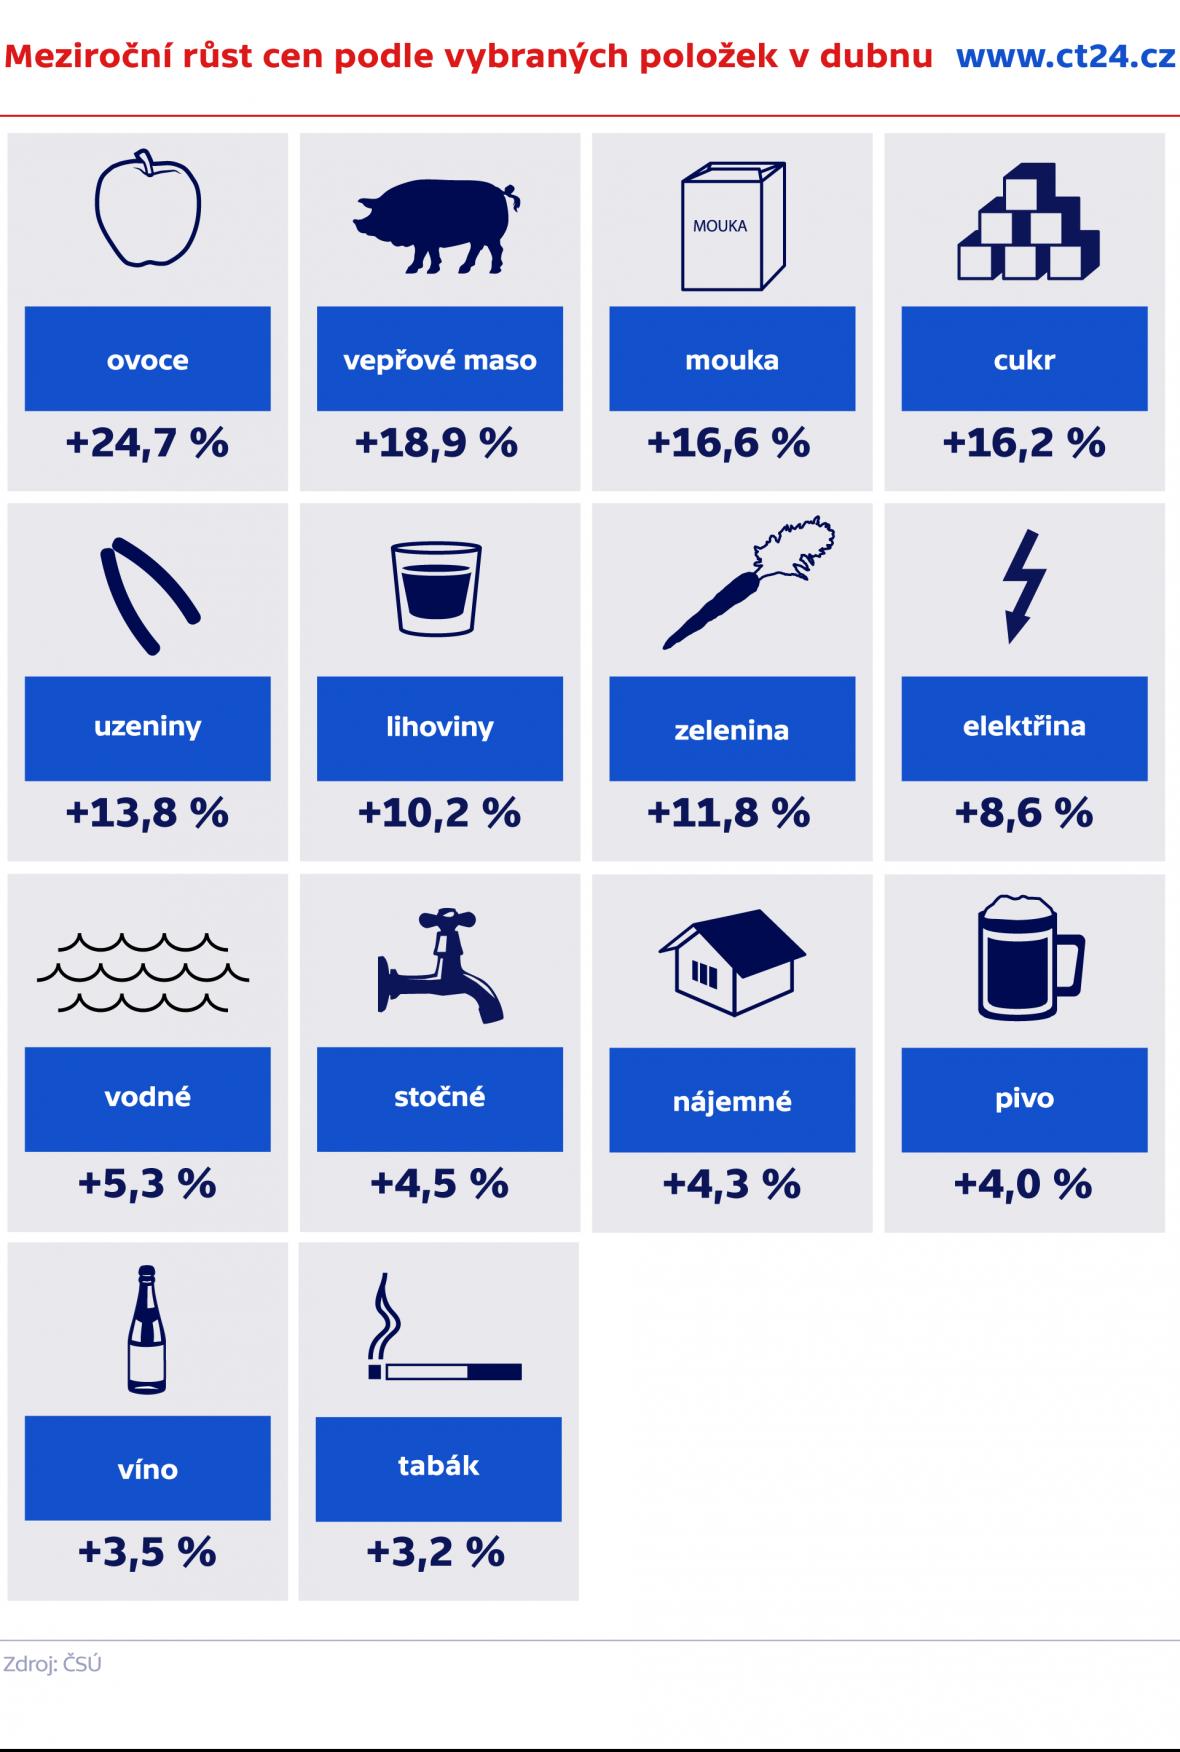 Meziroční růst cen podle kategorií v dubnu 2020